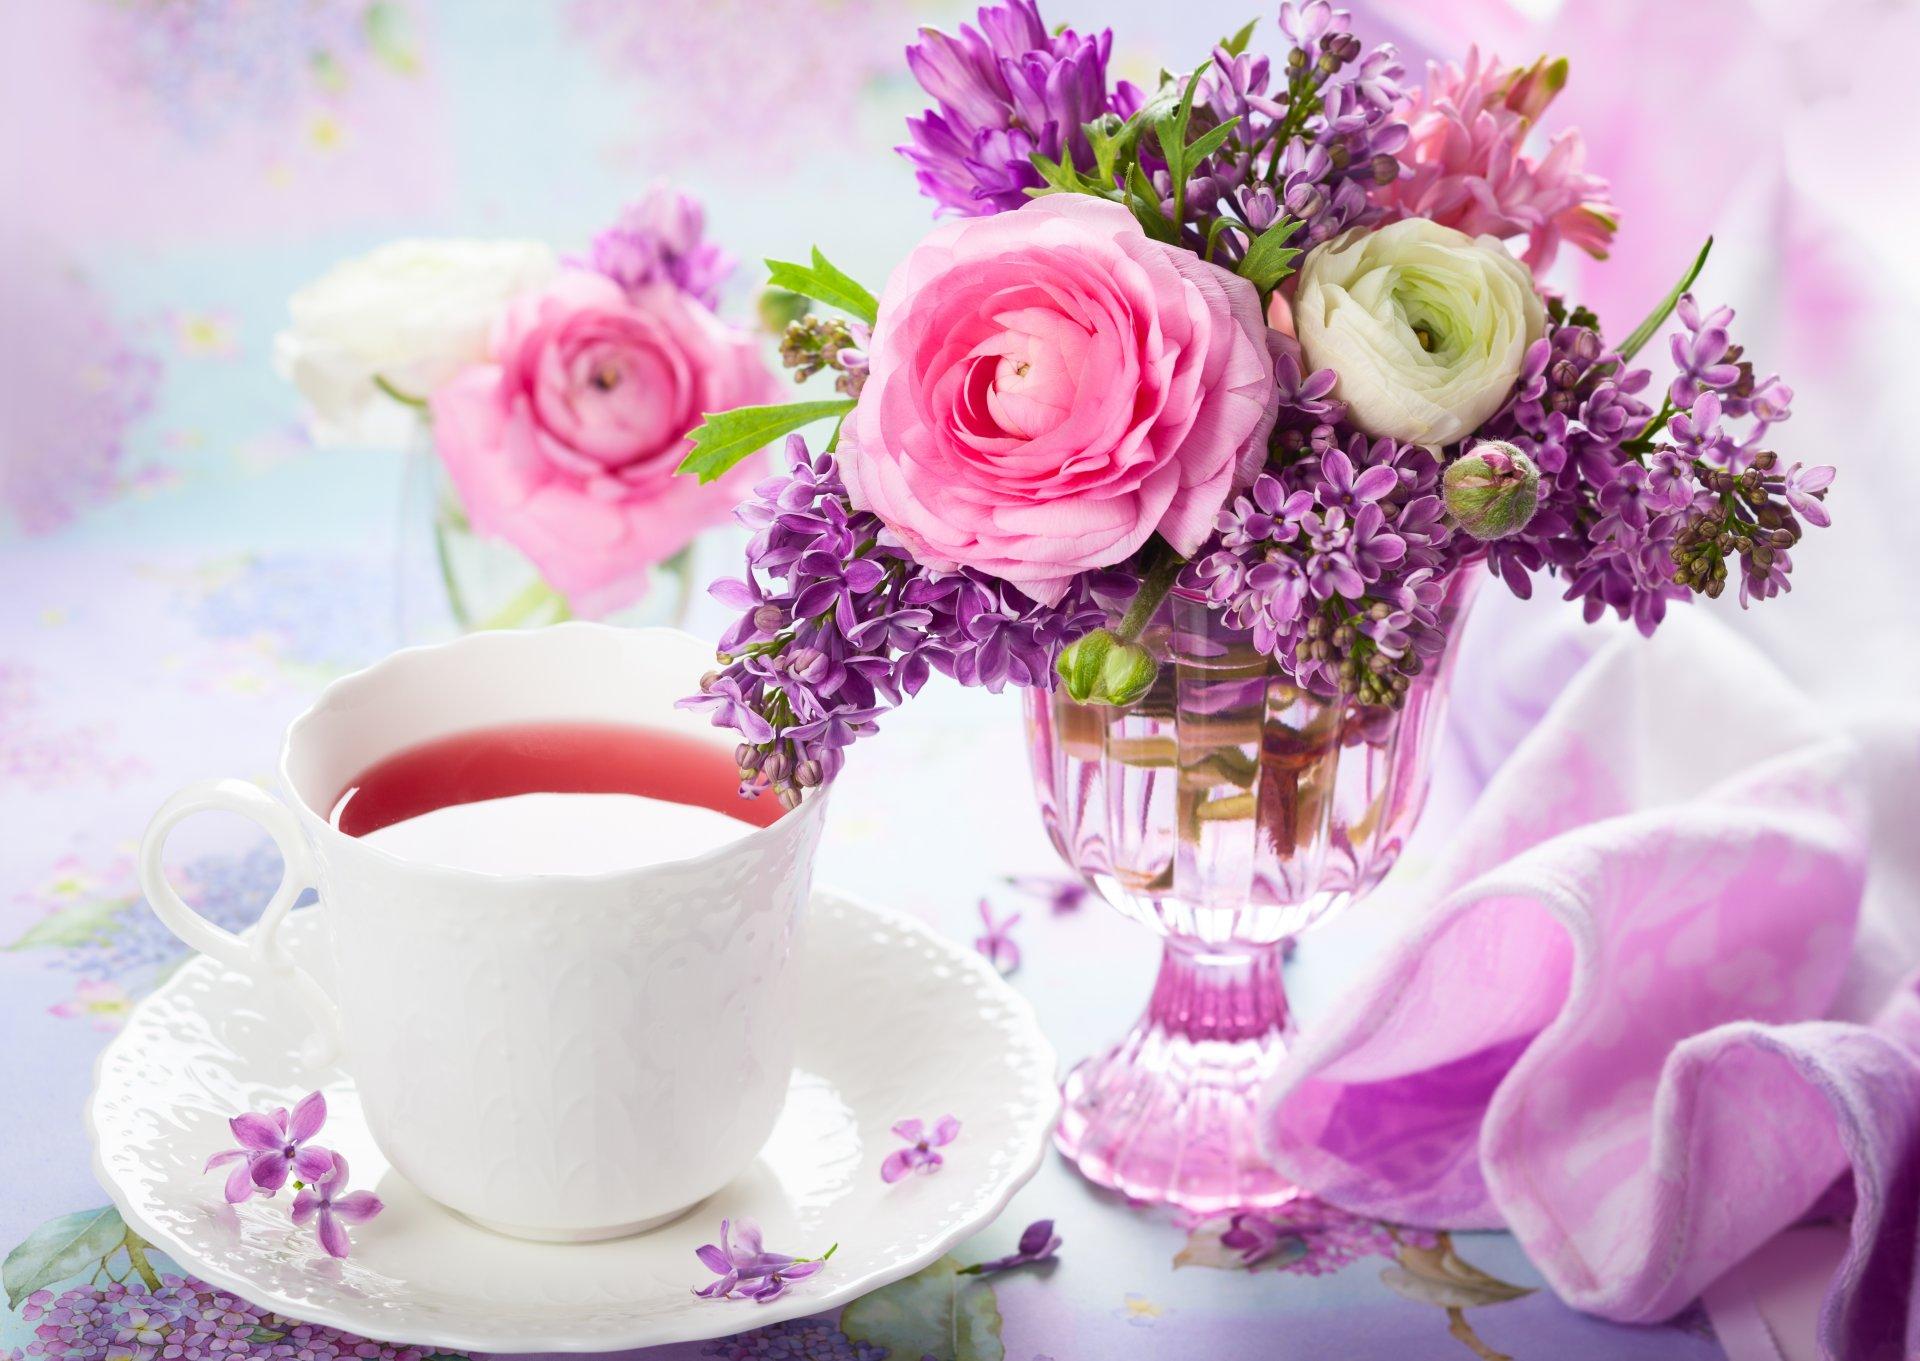 это красивейшие картинки с добрым утром и цветы бокалы снова, то